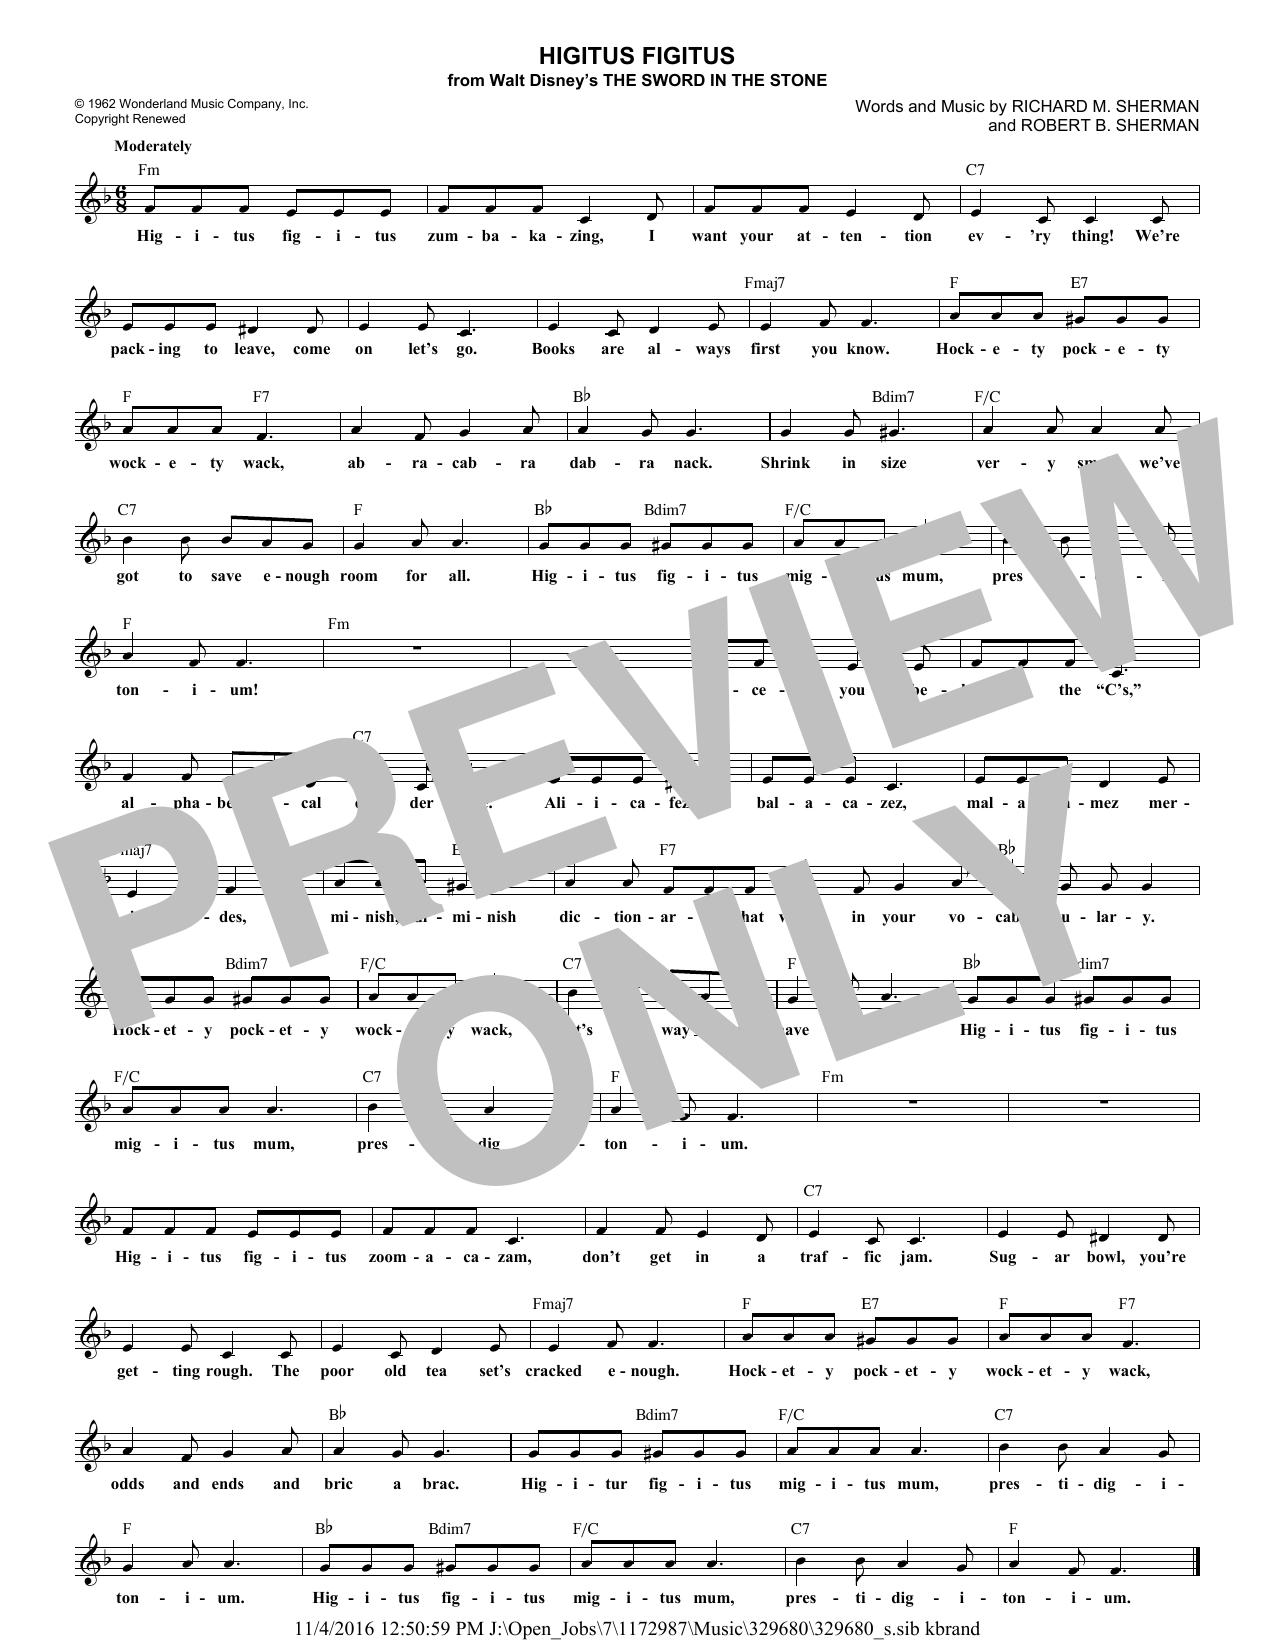 Robert B. Sherman Higitus Figitus sheet music notes and chords. Download Printable PDF.